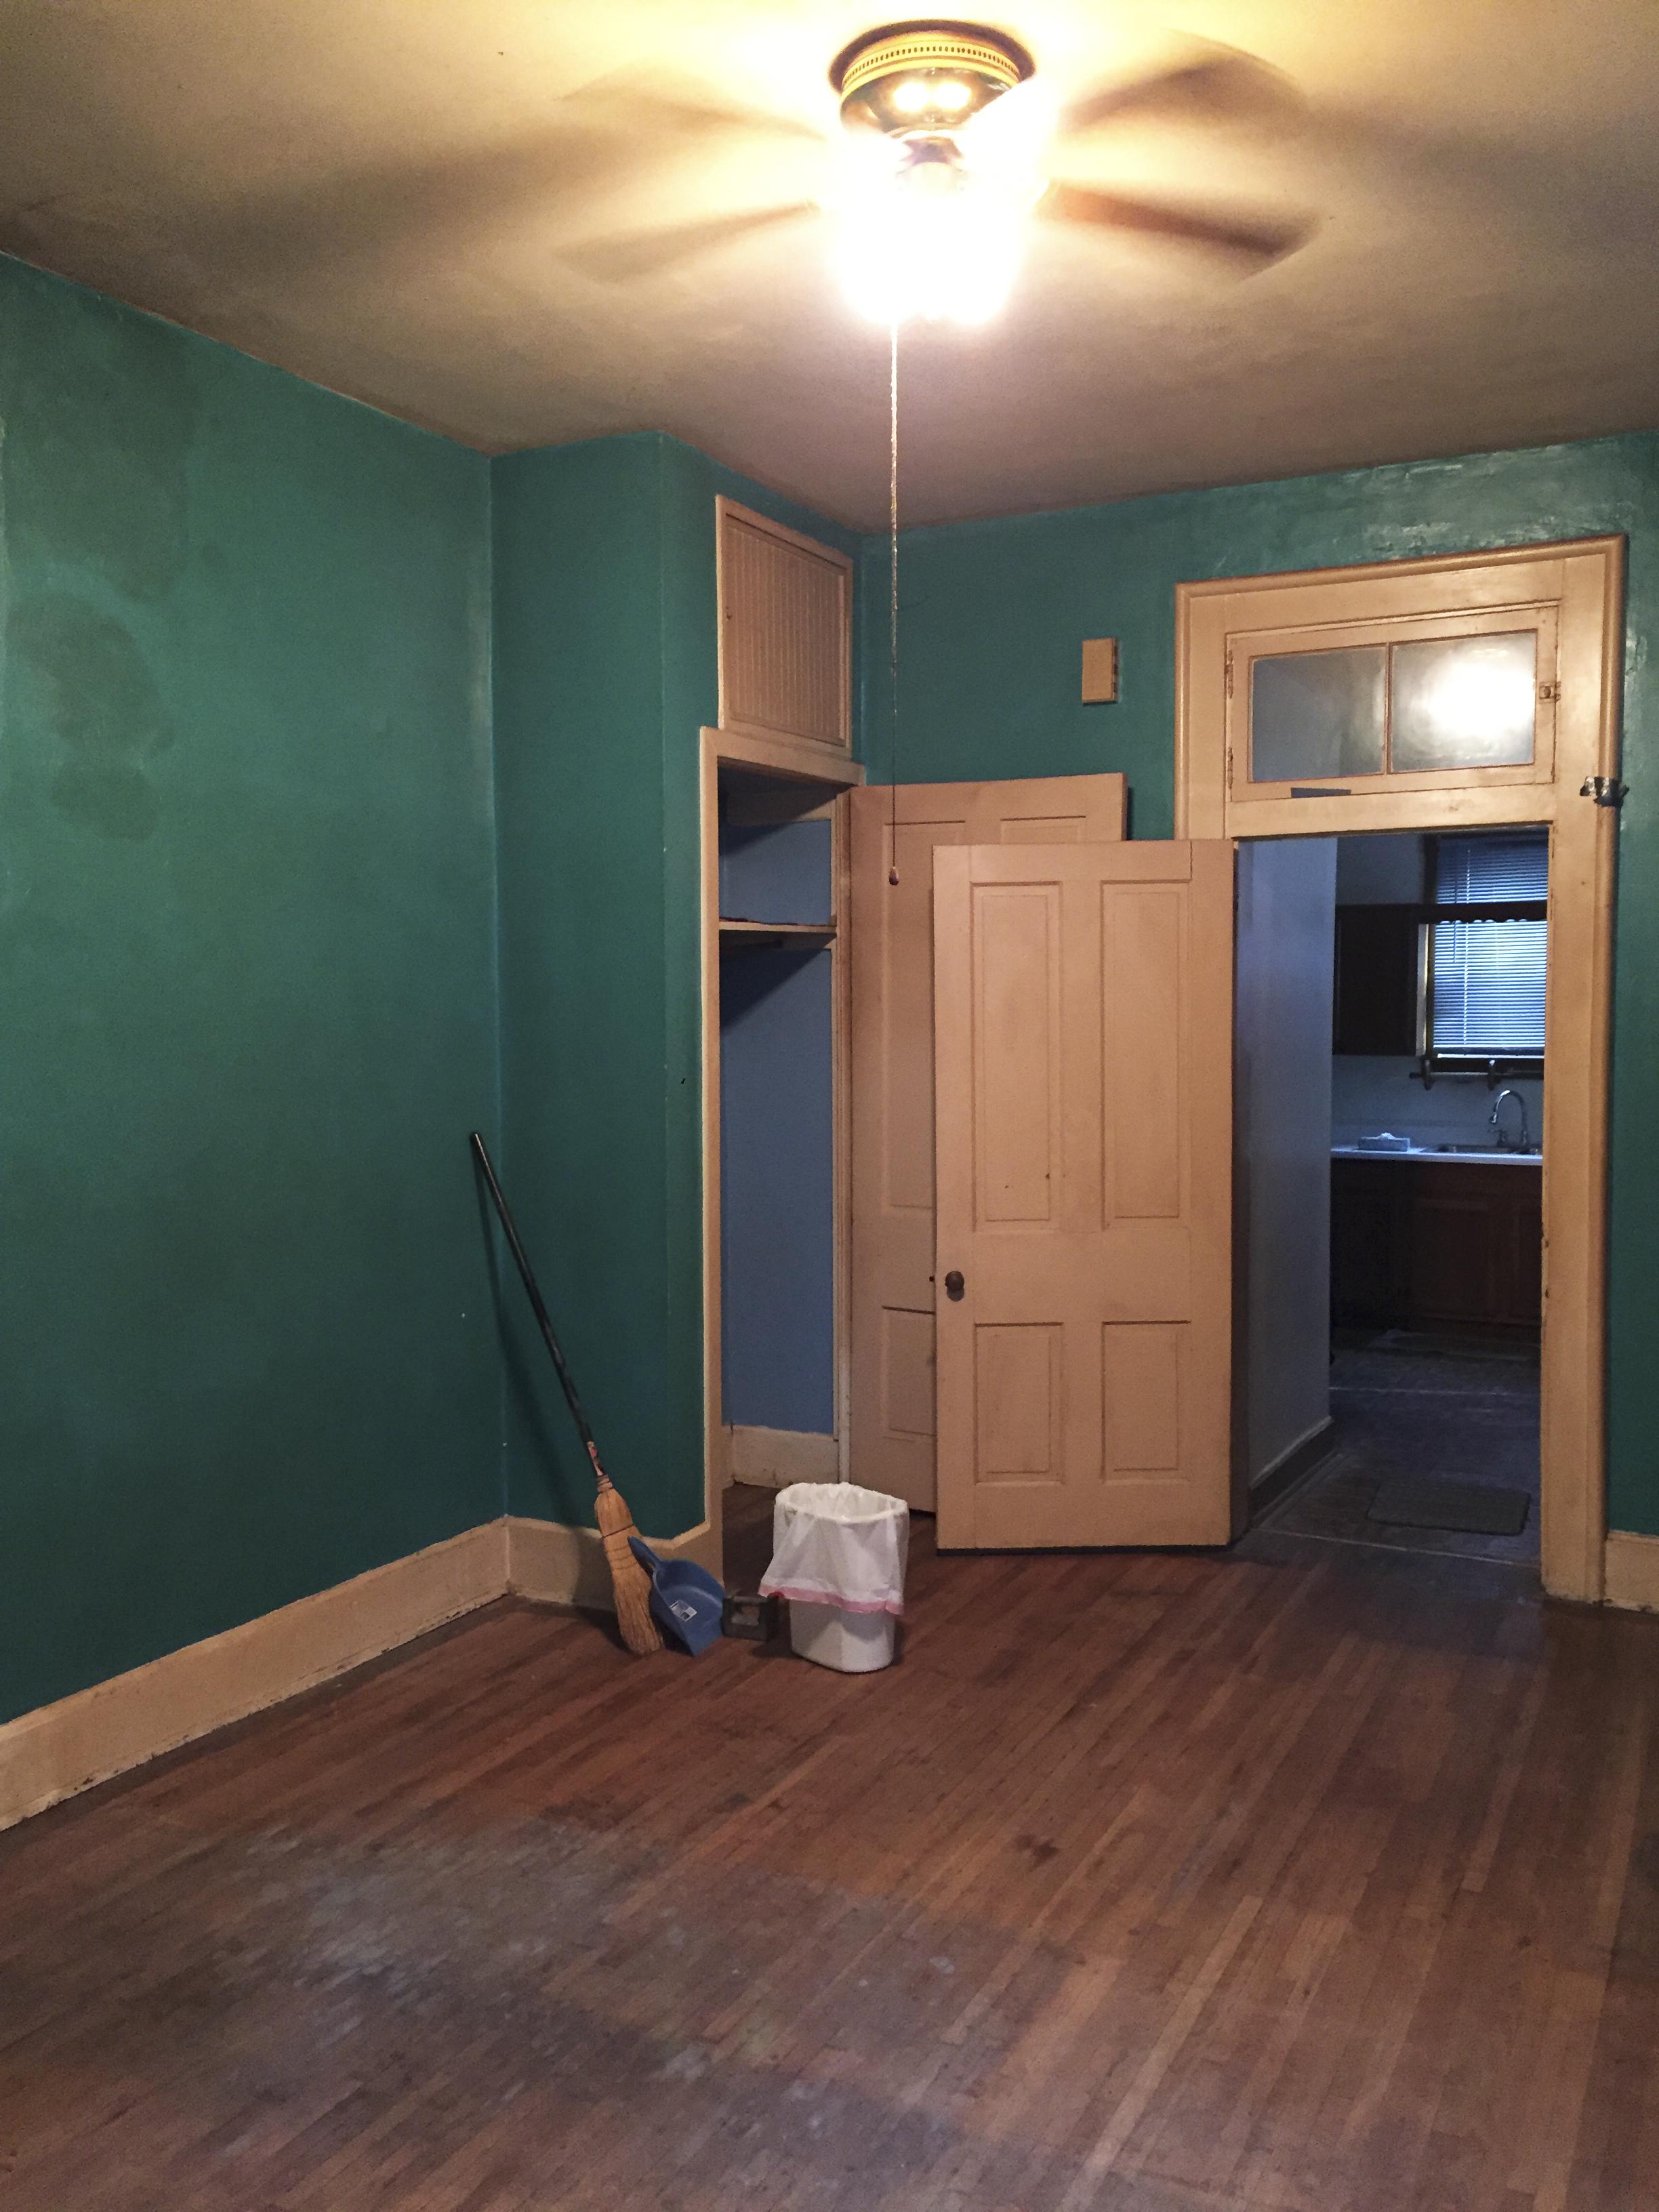 Green_Room_1.jpg